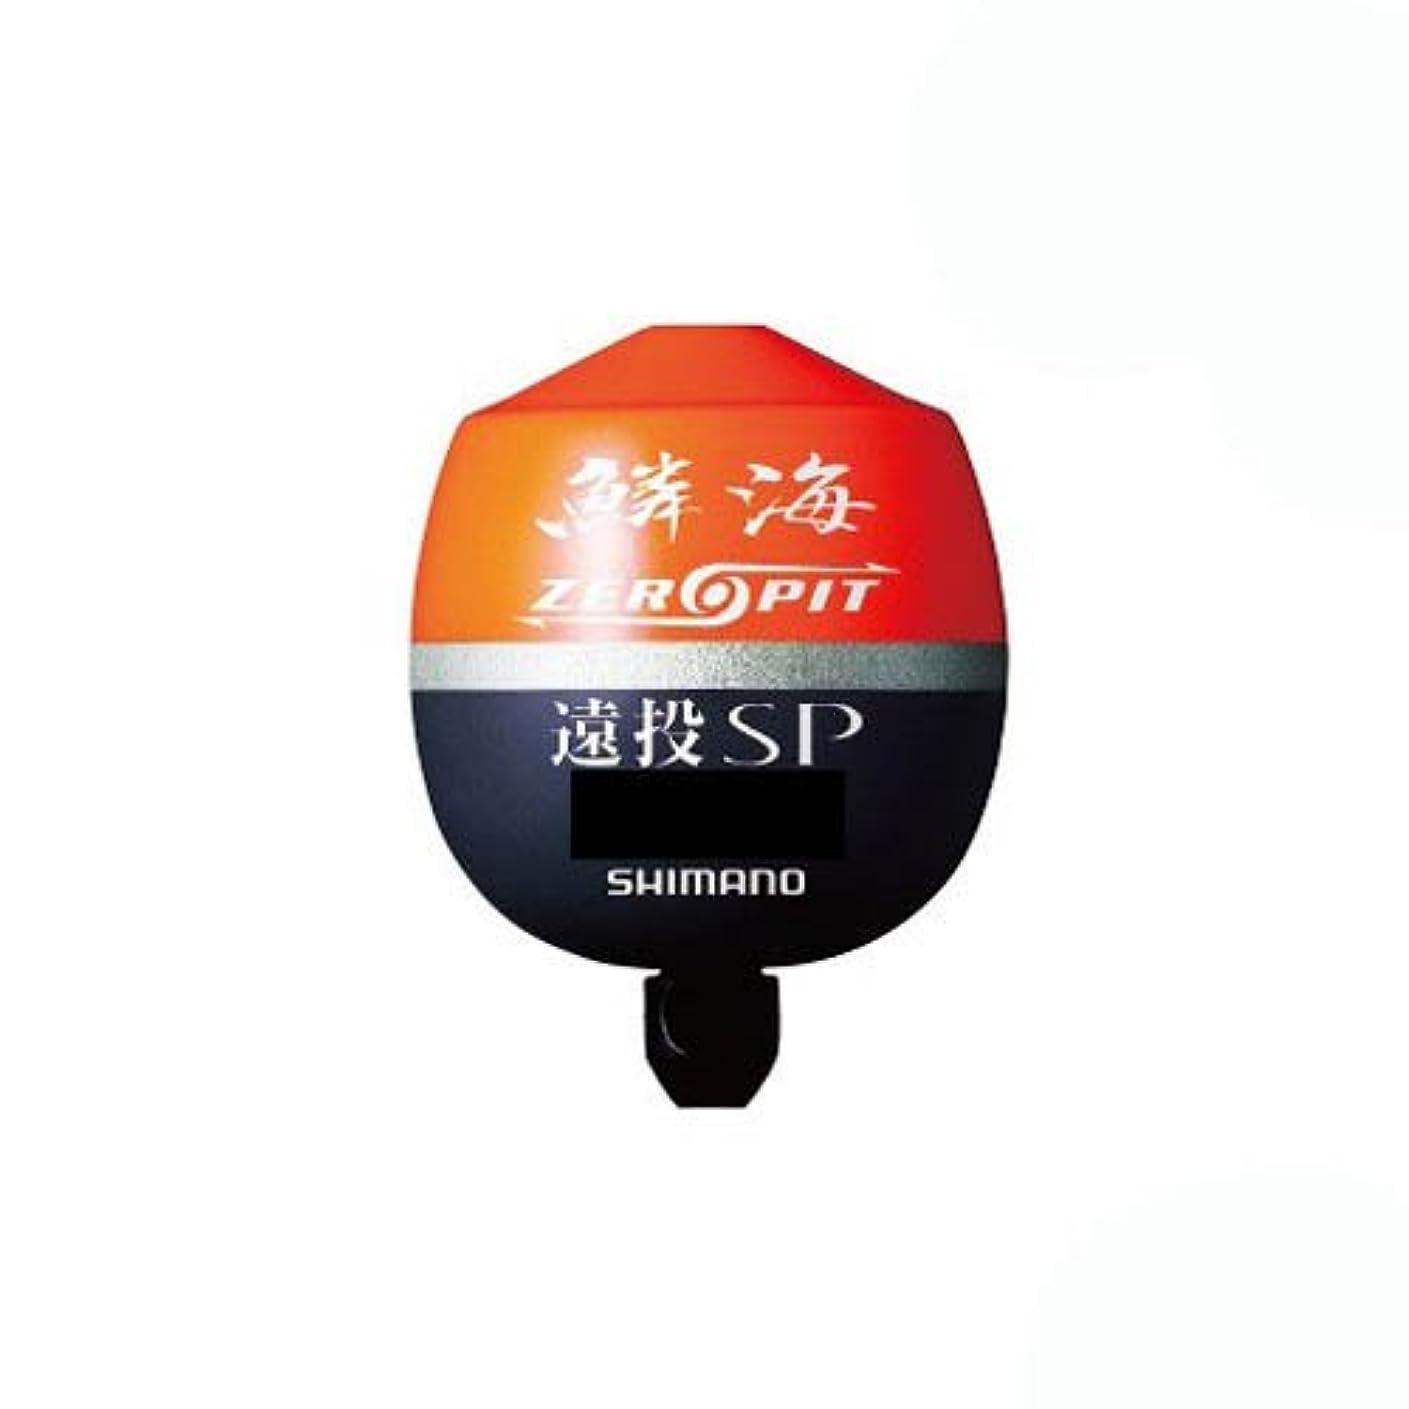 君主美容師宿泊シマノ ウキ 鱗海 ZEROPIT 遠投SP FL-00CM オレンジ 3B